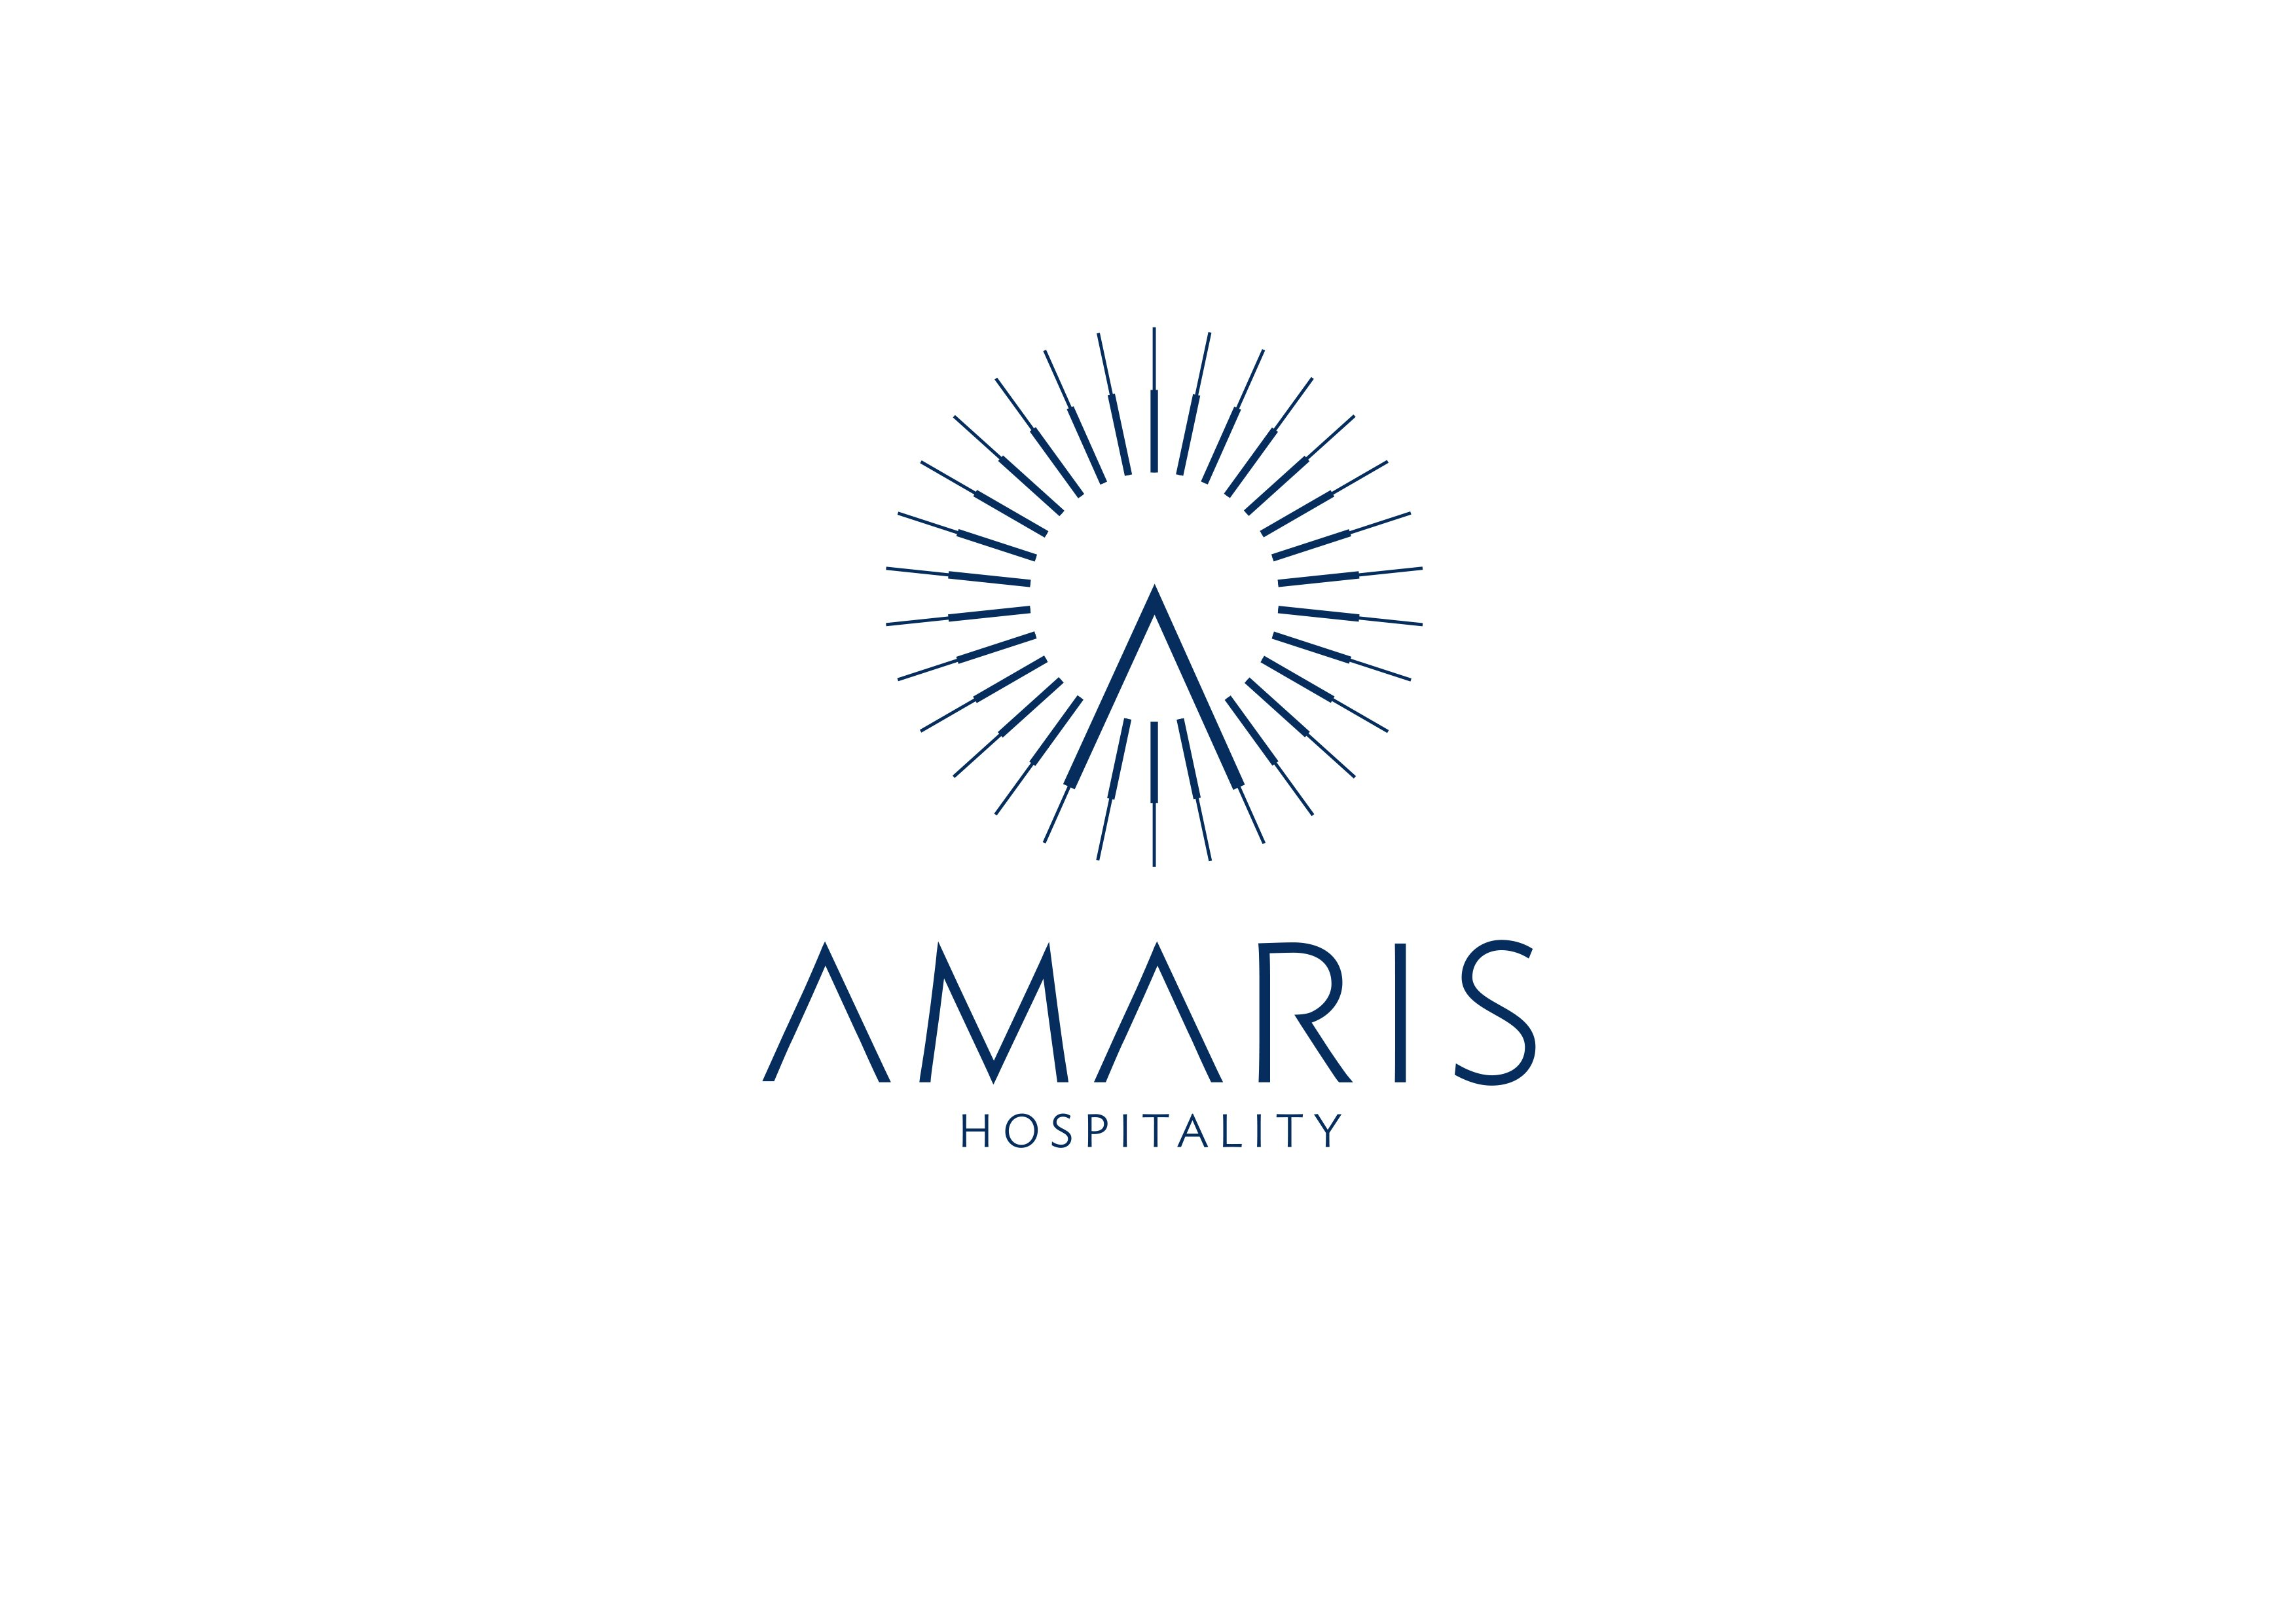 amaris-hospitality